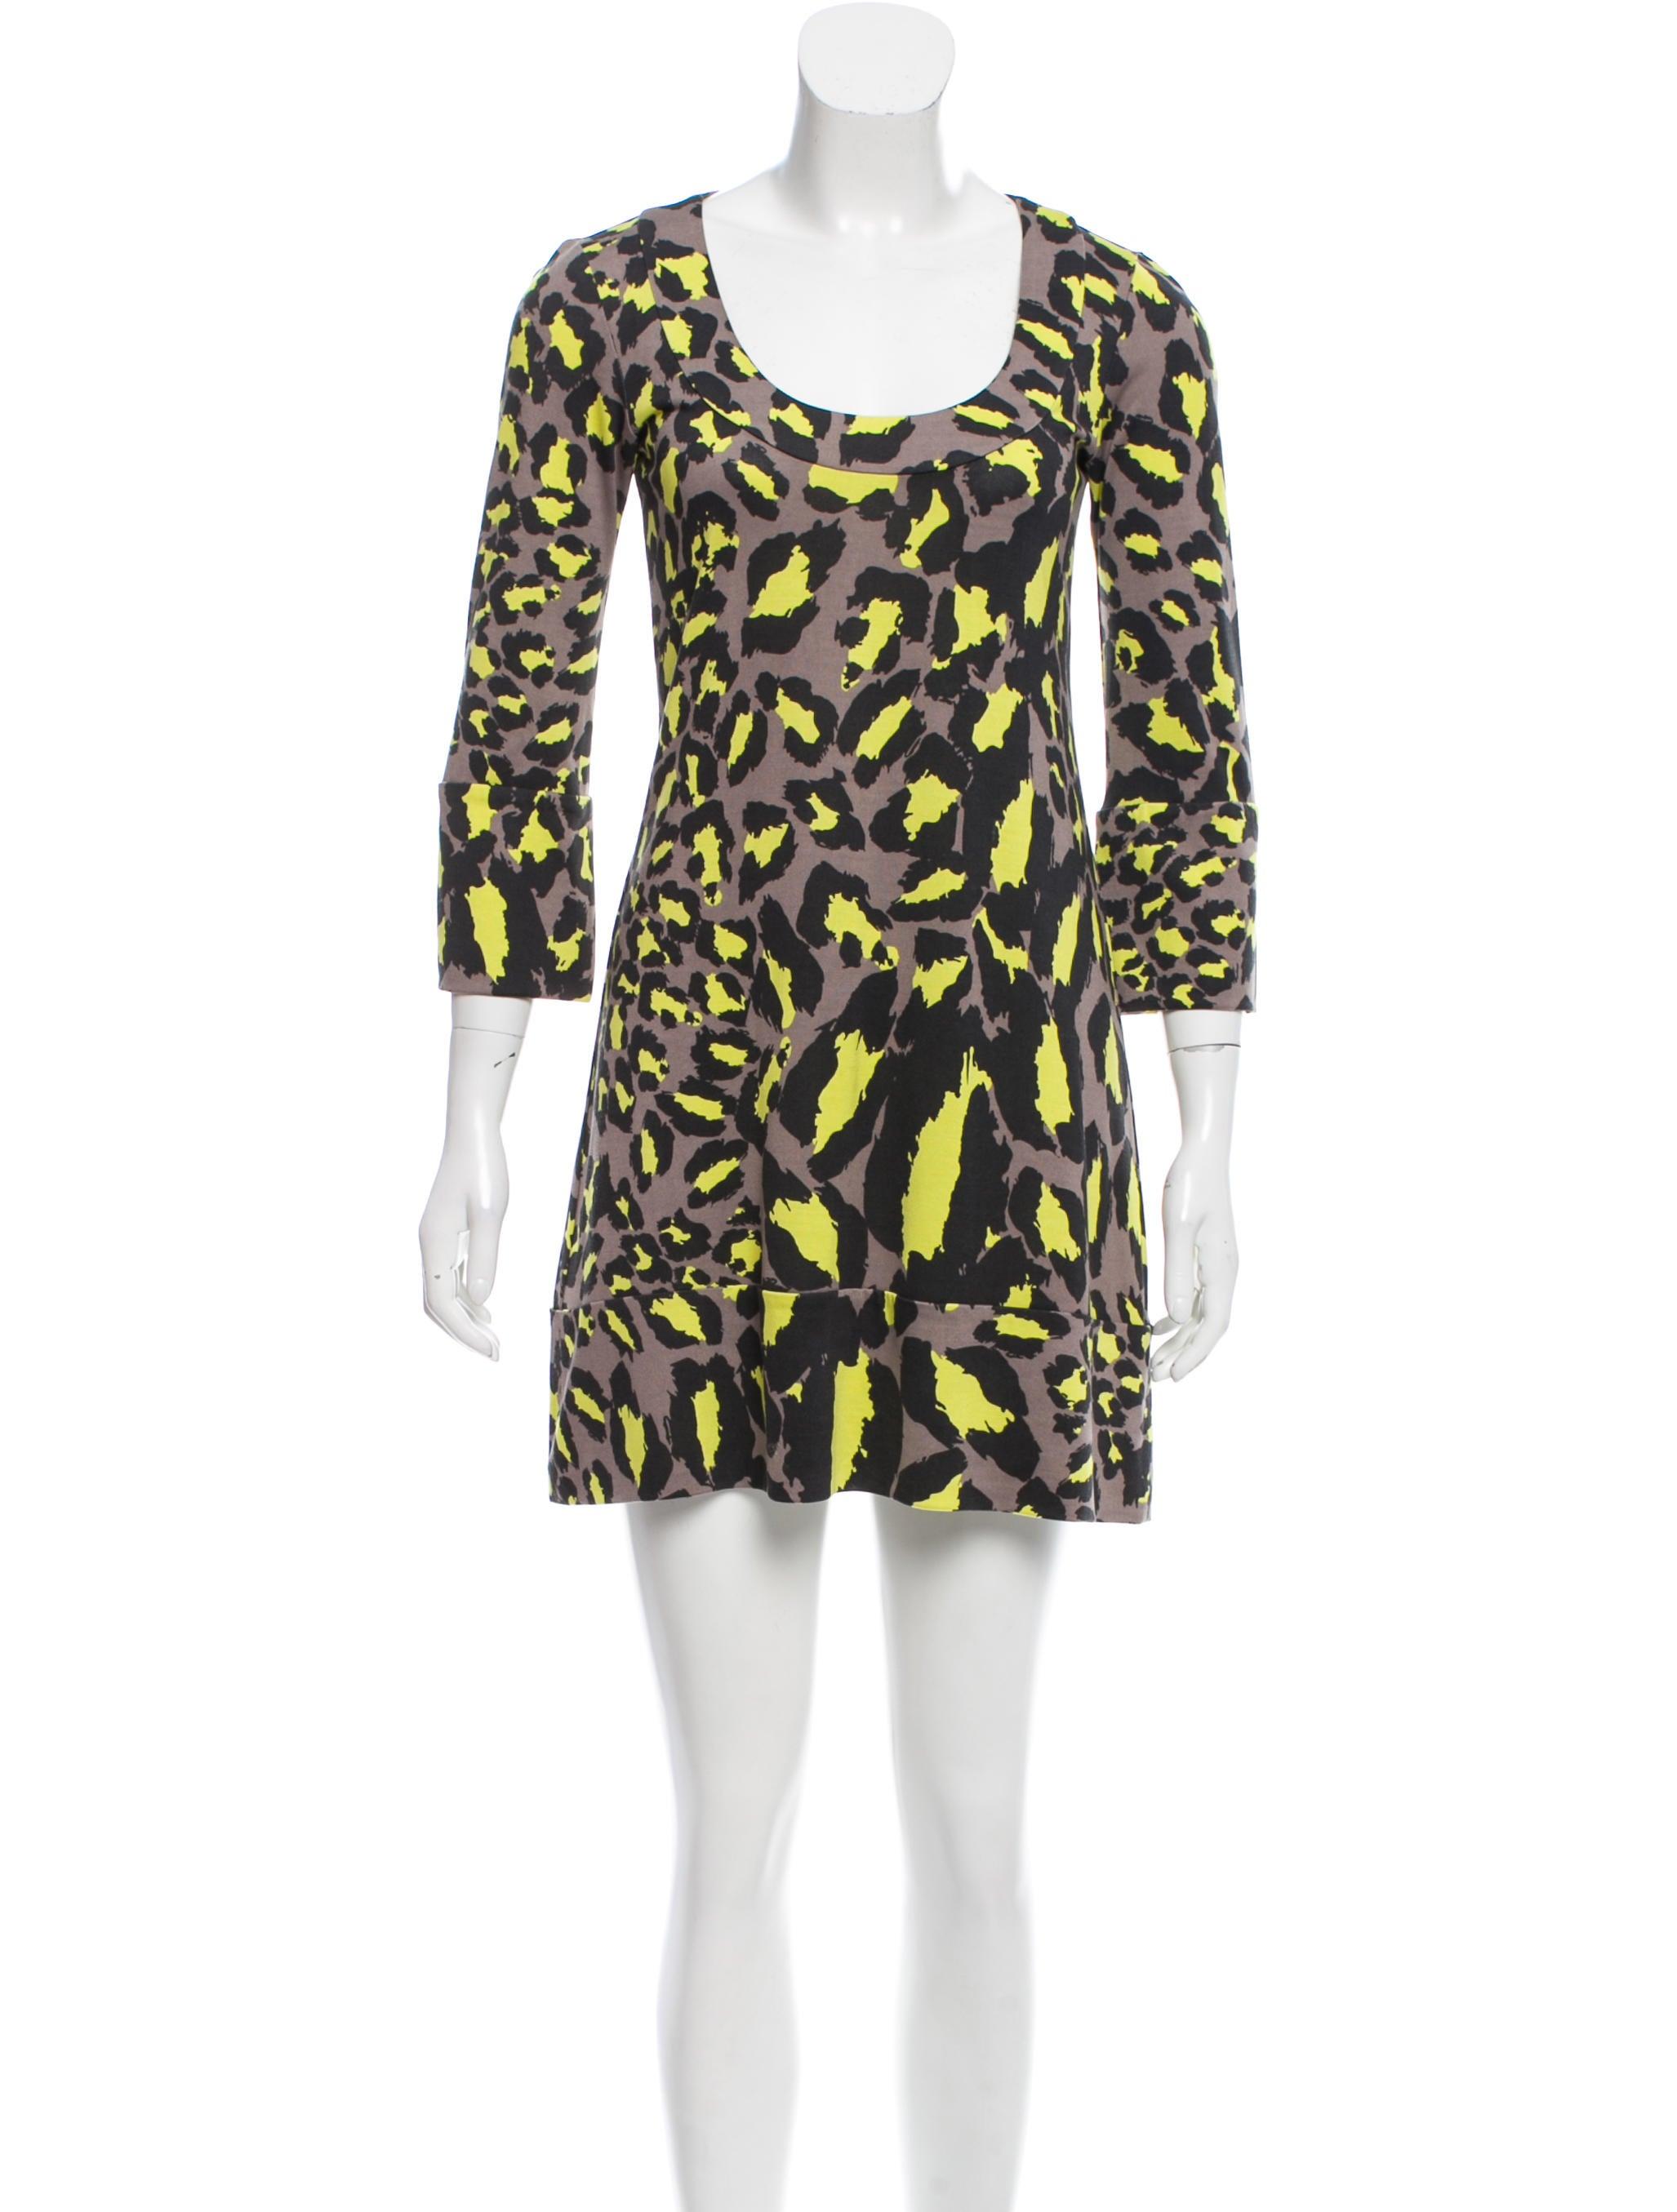 Diane von furstenberg leopard print silk dress clothing for Diane von furstenberg clothing